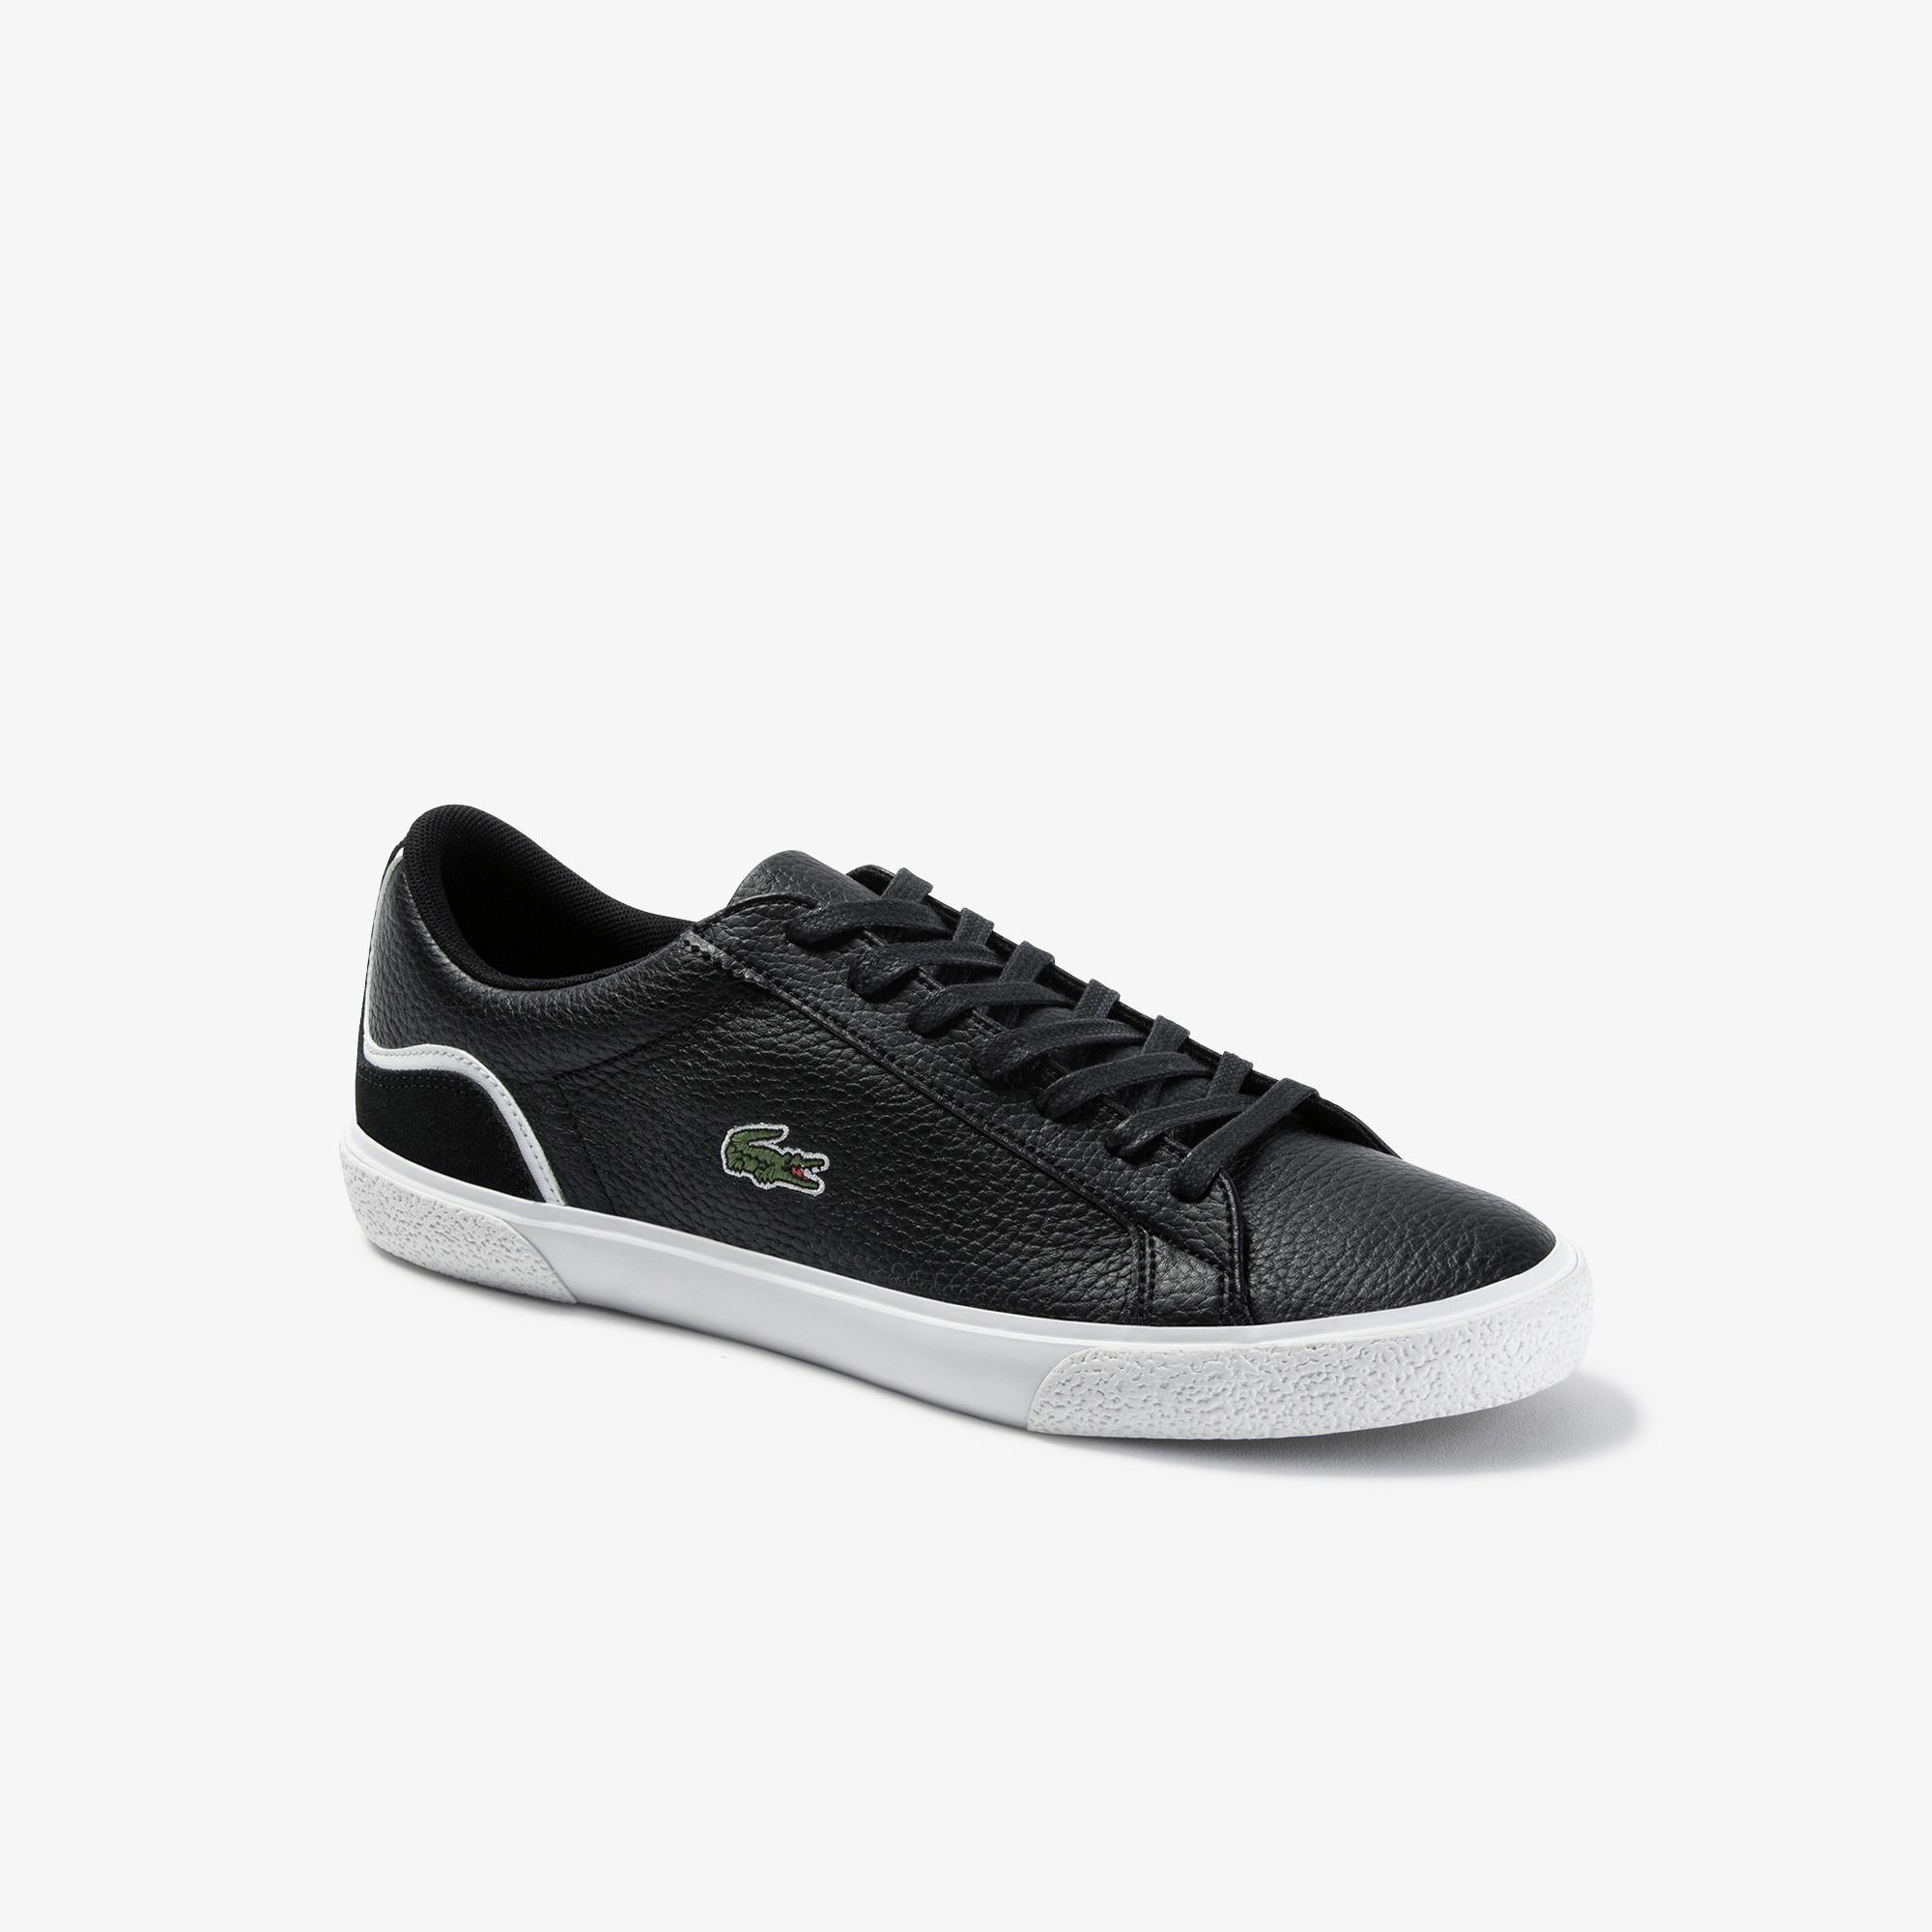 Lacoste Lerond 120 7 Cma Erkek Siyah Deri Casual Ayakkabı